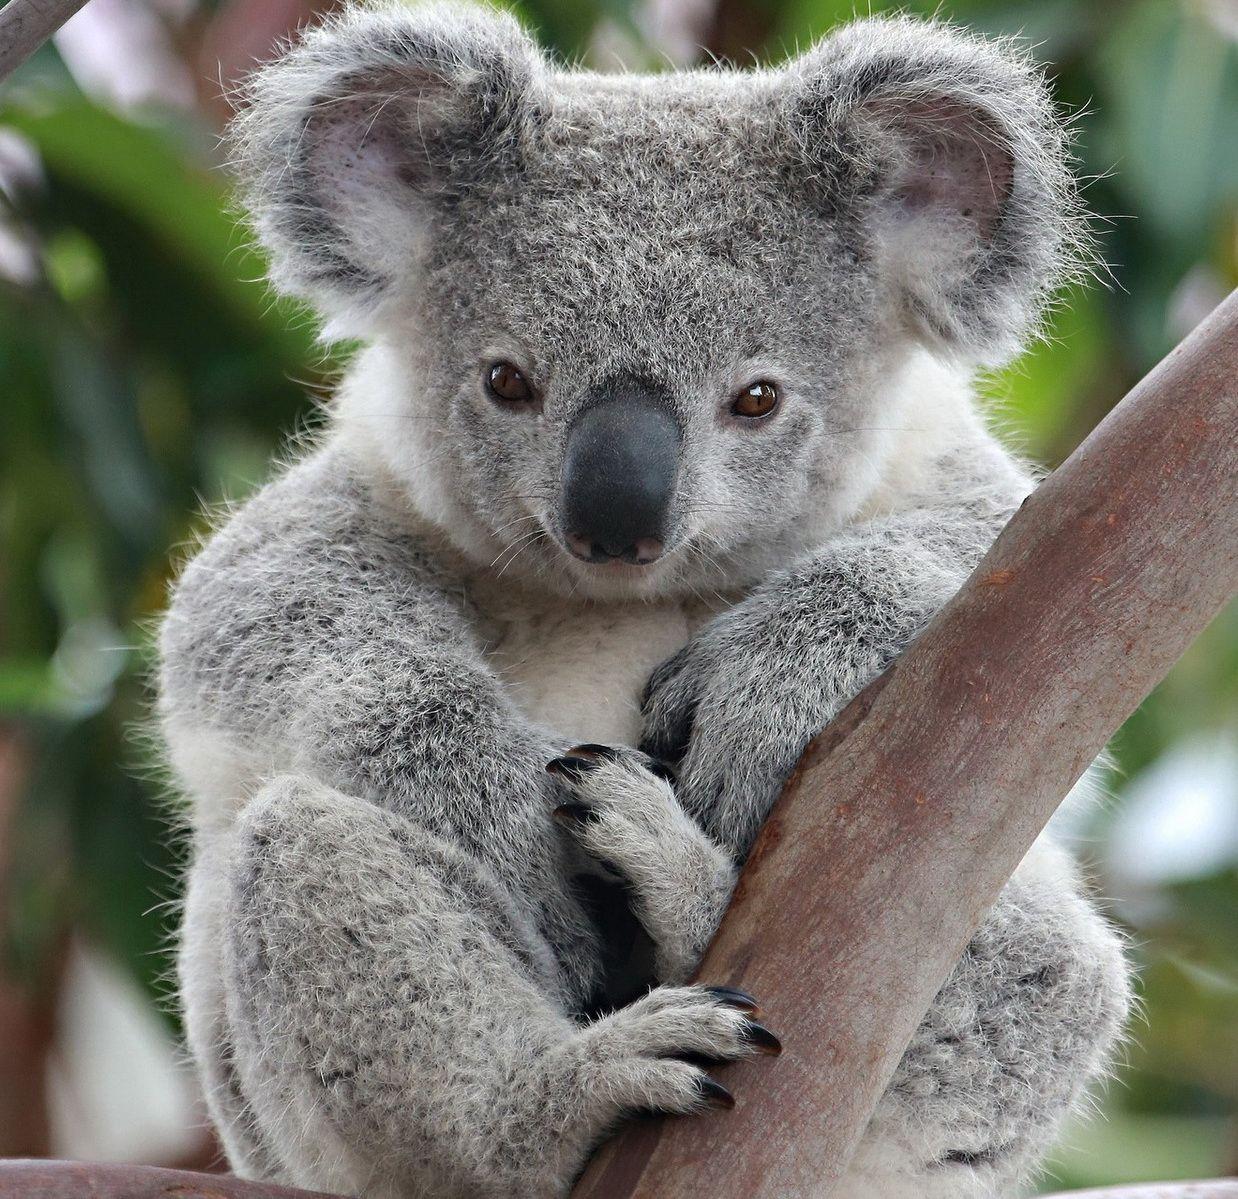 she is CUTE I will name her lil wil Koala, Koala bear